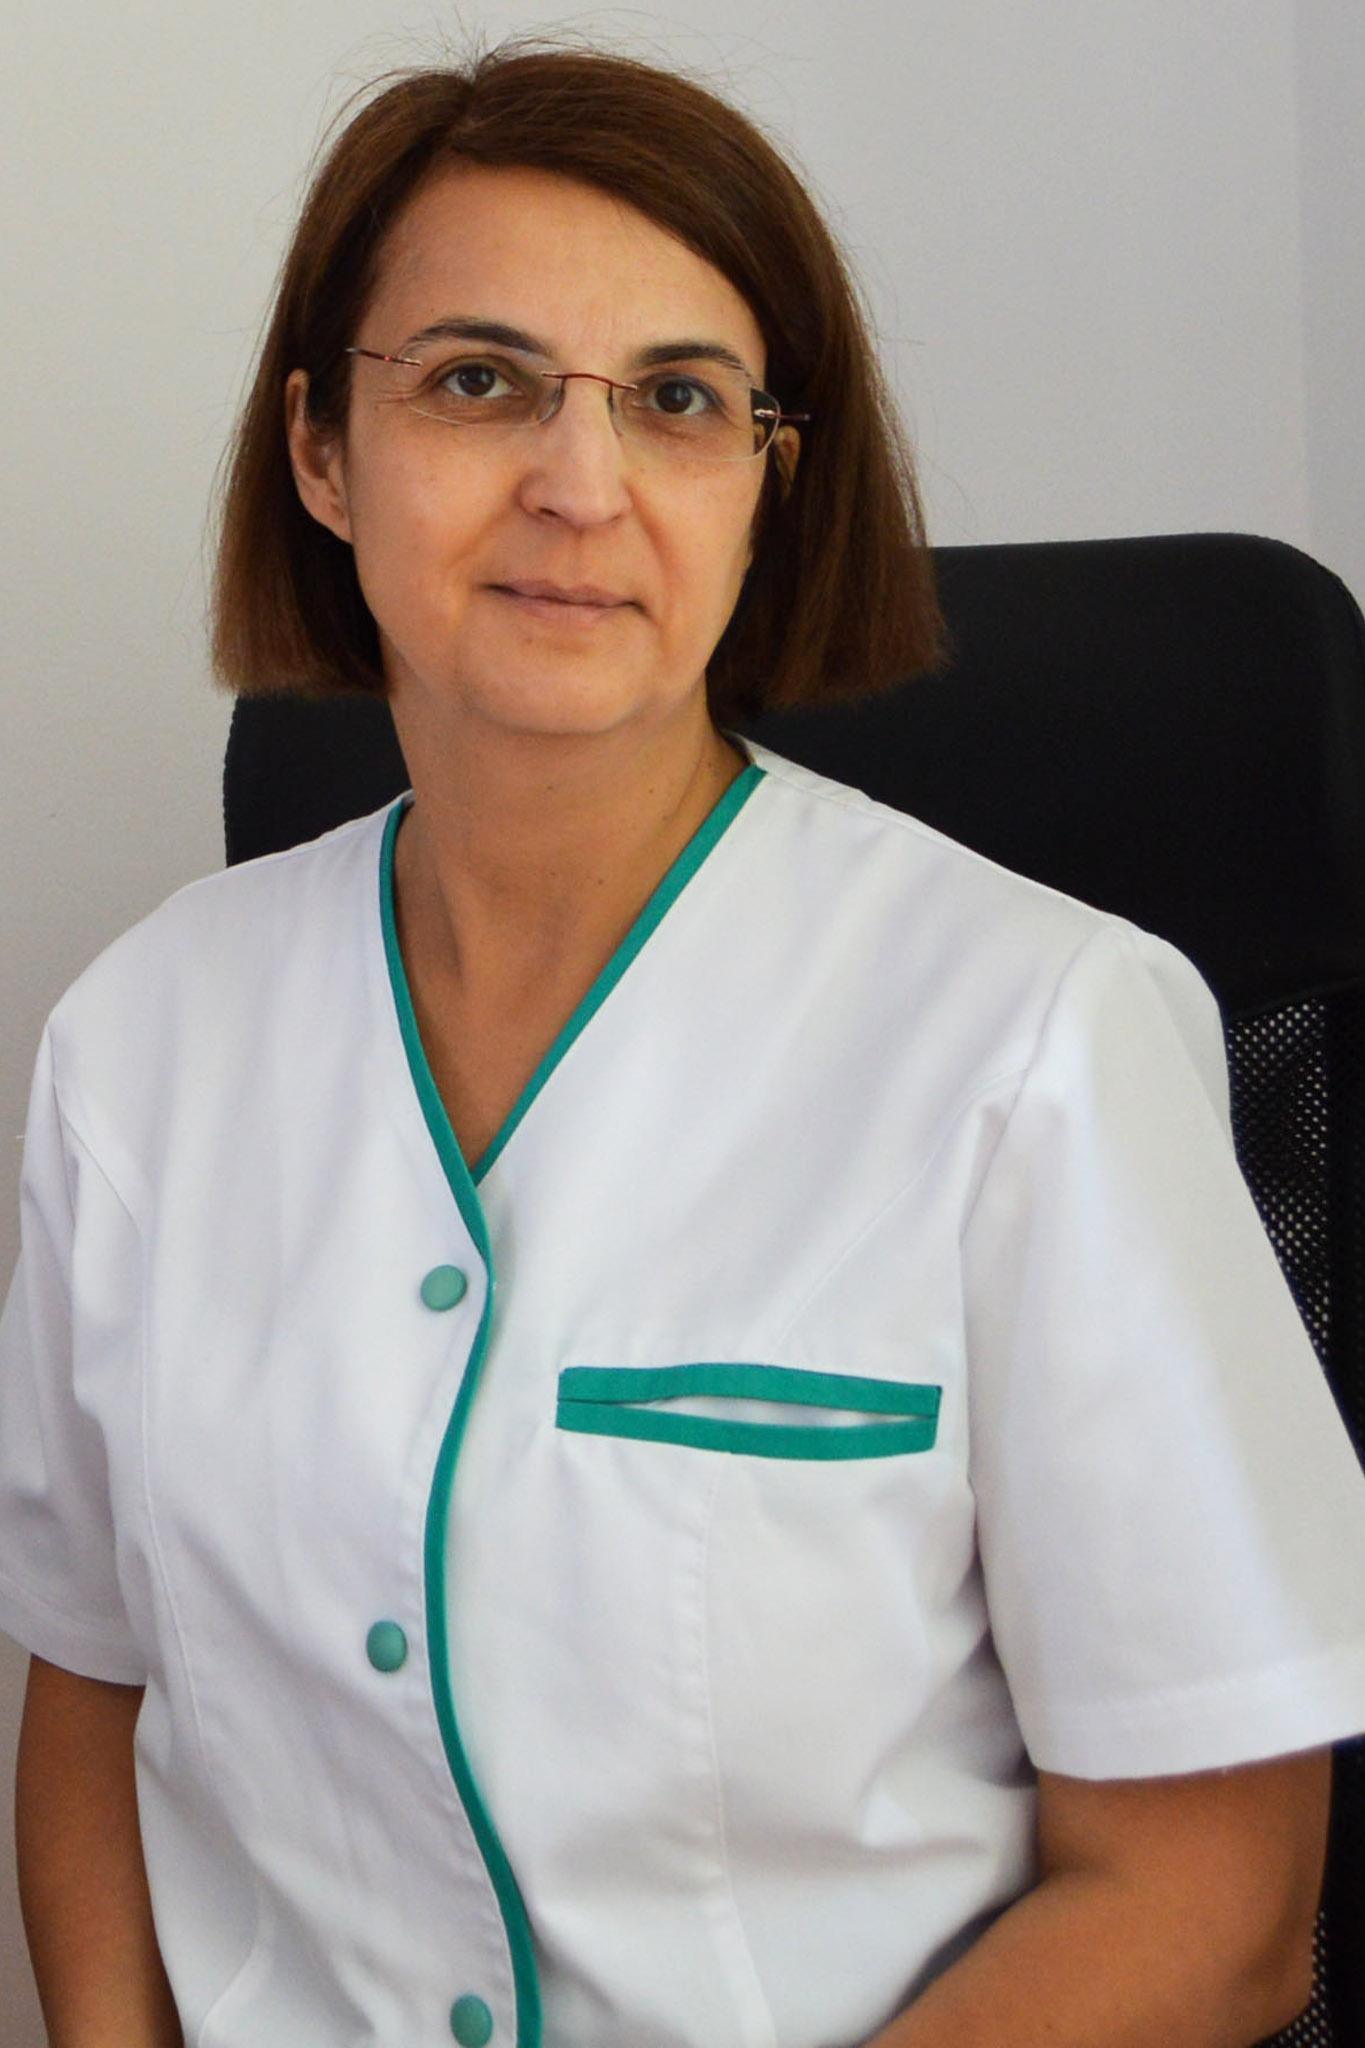 Dr. Cristina Negrean